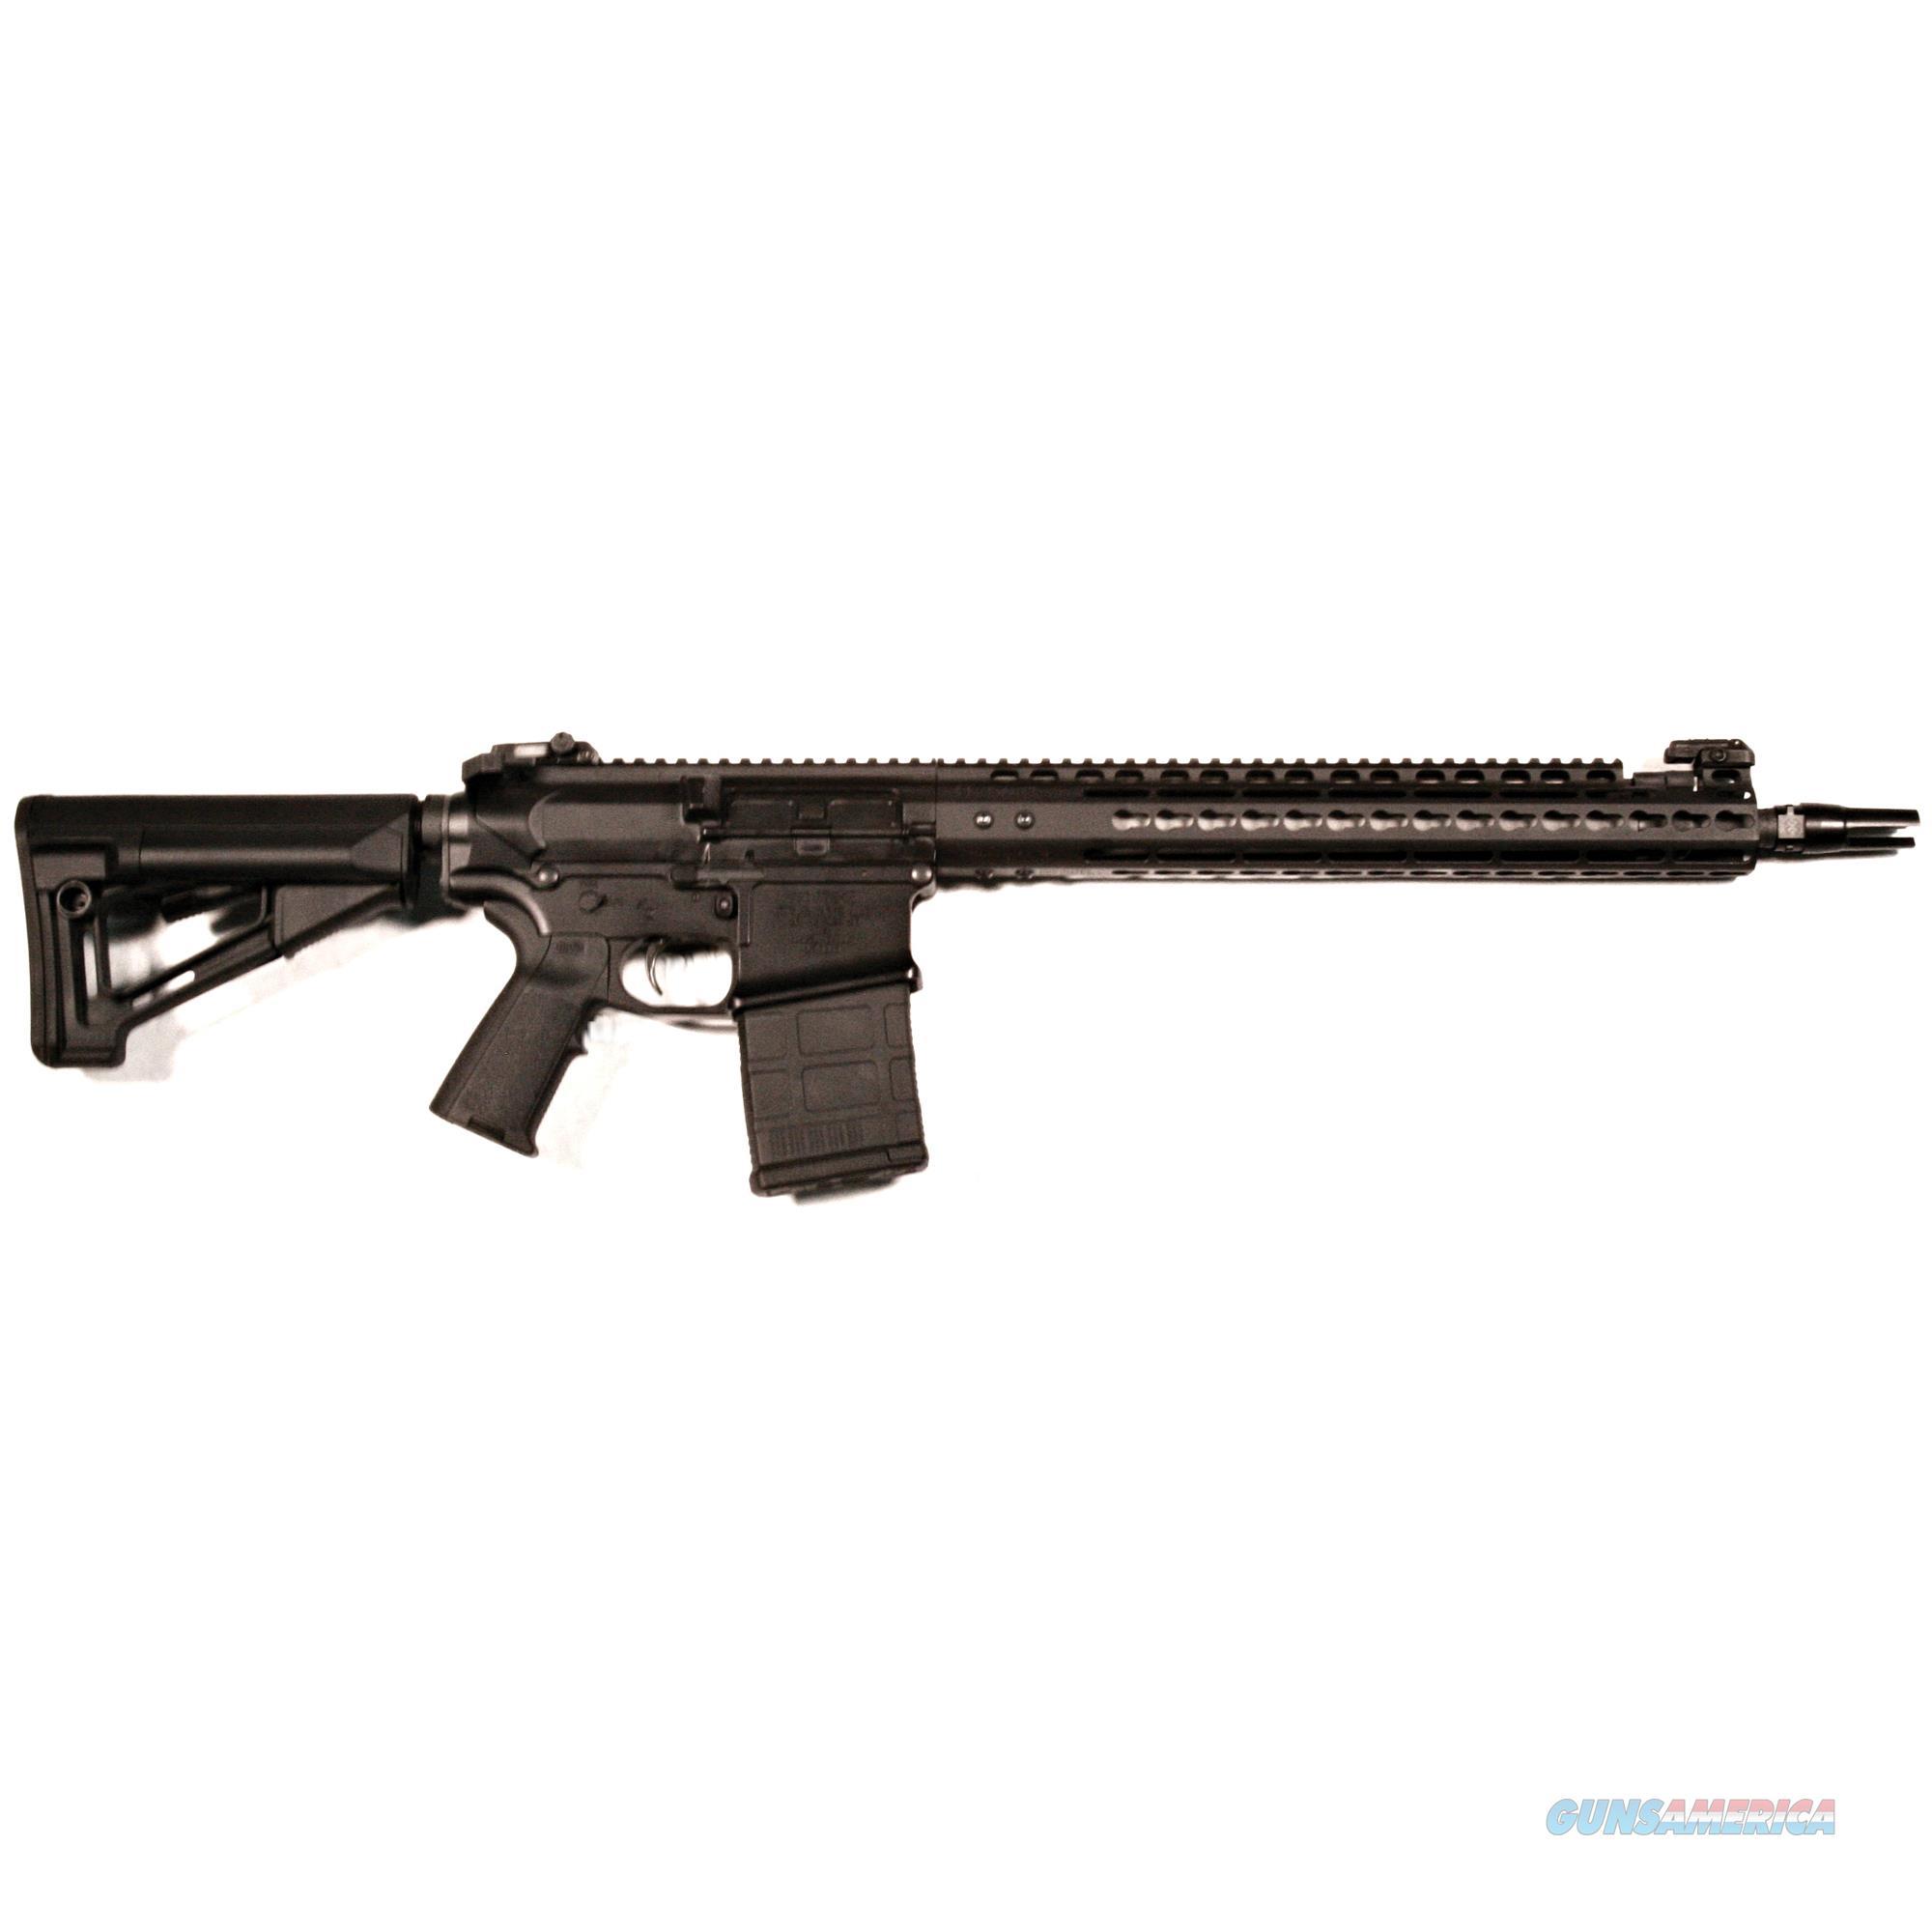 """Noveske N6 Gen3 Rifle .308 Win .762 NATO 16"""" Barrel  Guns > Rifles > Noveske Rifles"""